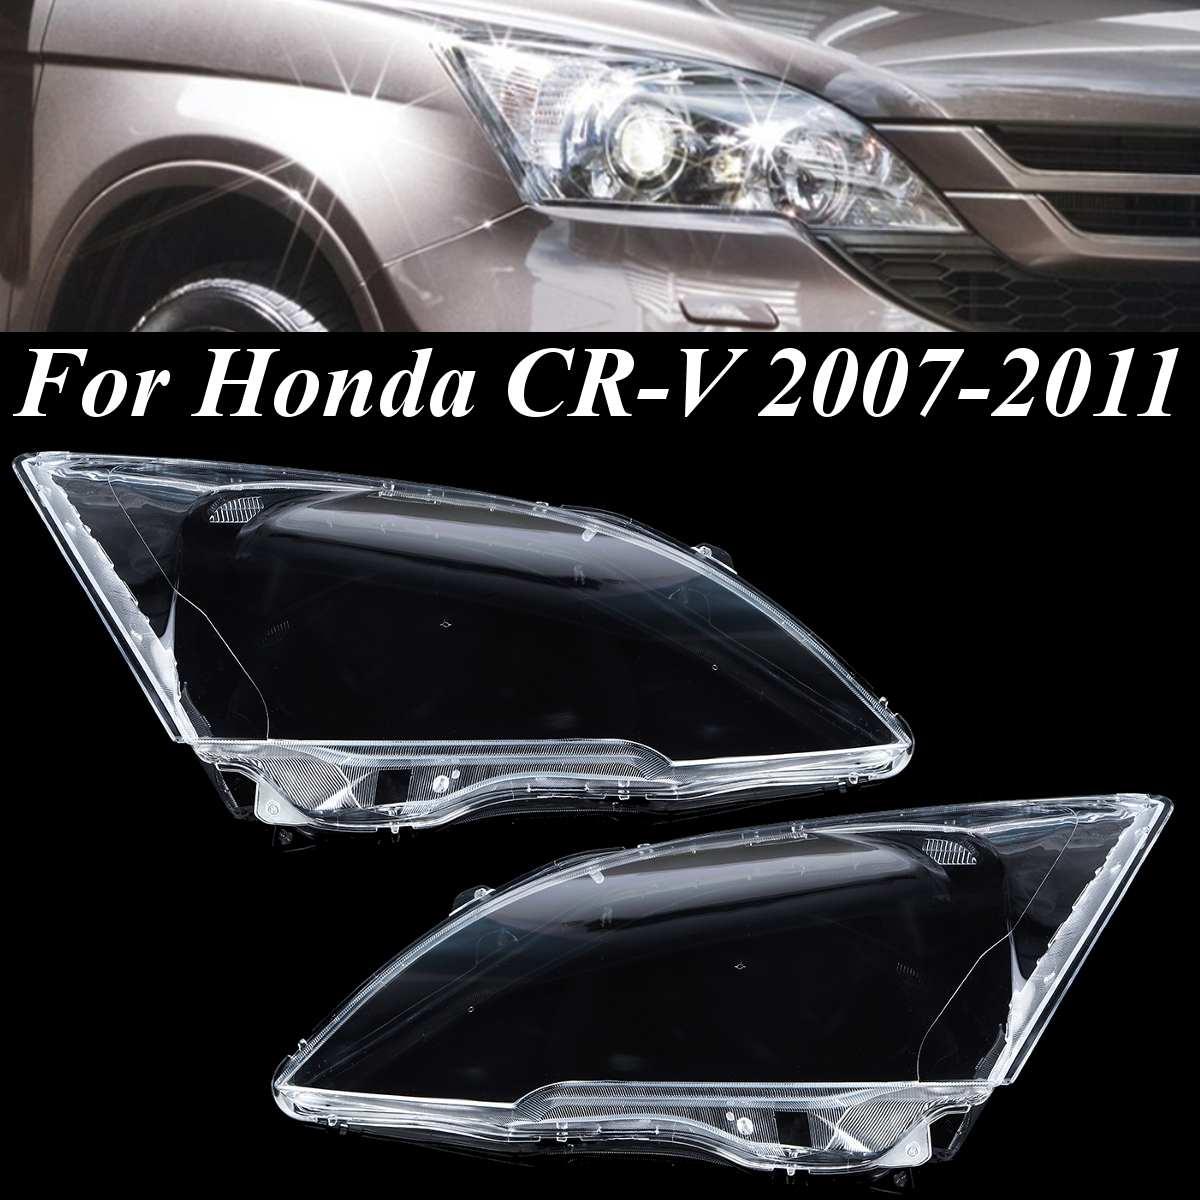 For Honda CR-V 2007-2011 Front Fog Light H11 Xenon Headlight Bulbs Pair Lamp